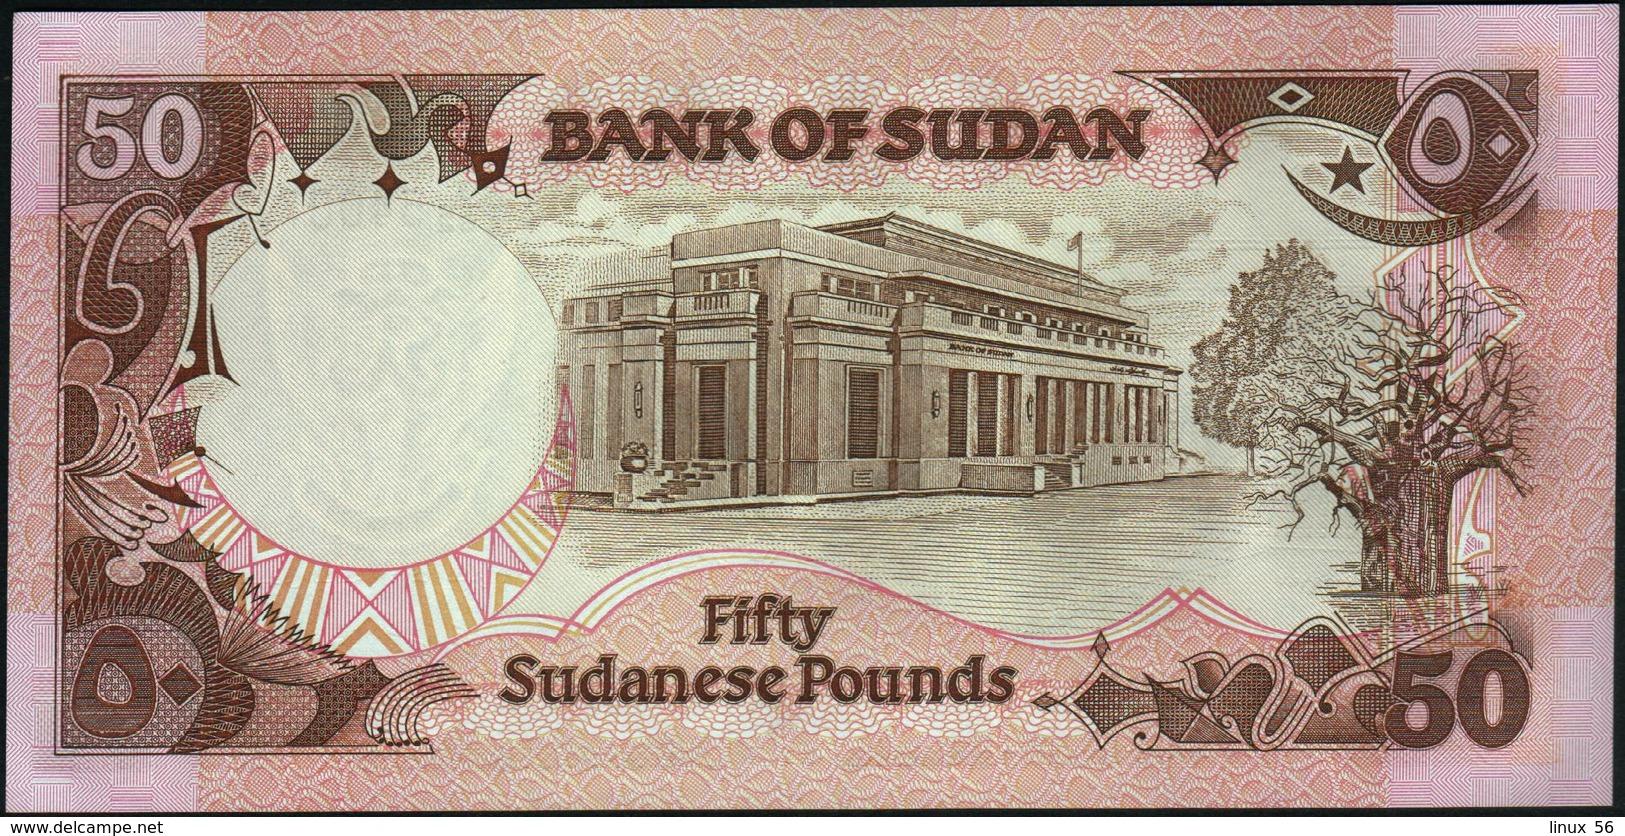 SUDAN - 50 Pounds 1991 UNC P.48 - Sudan